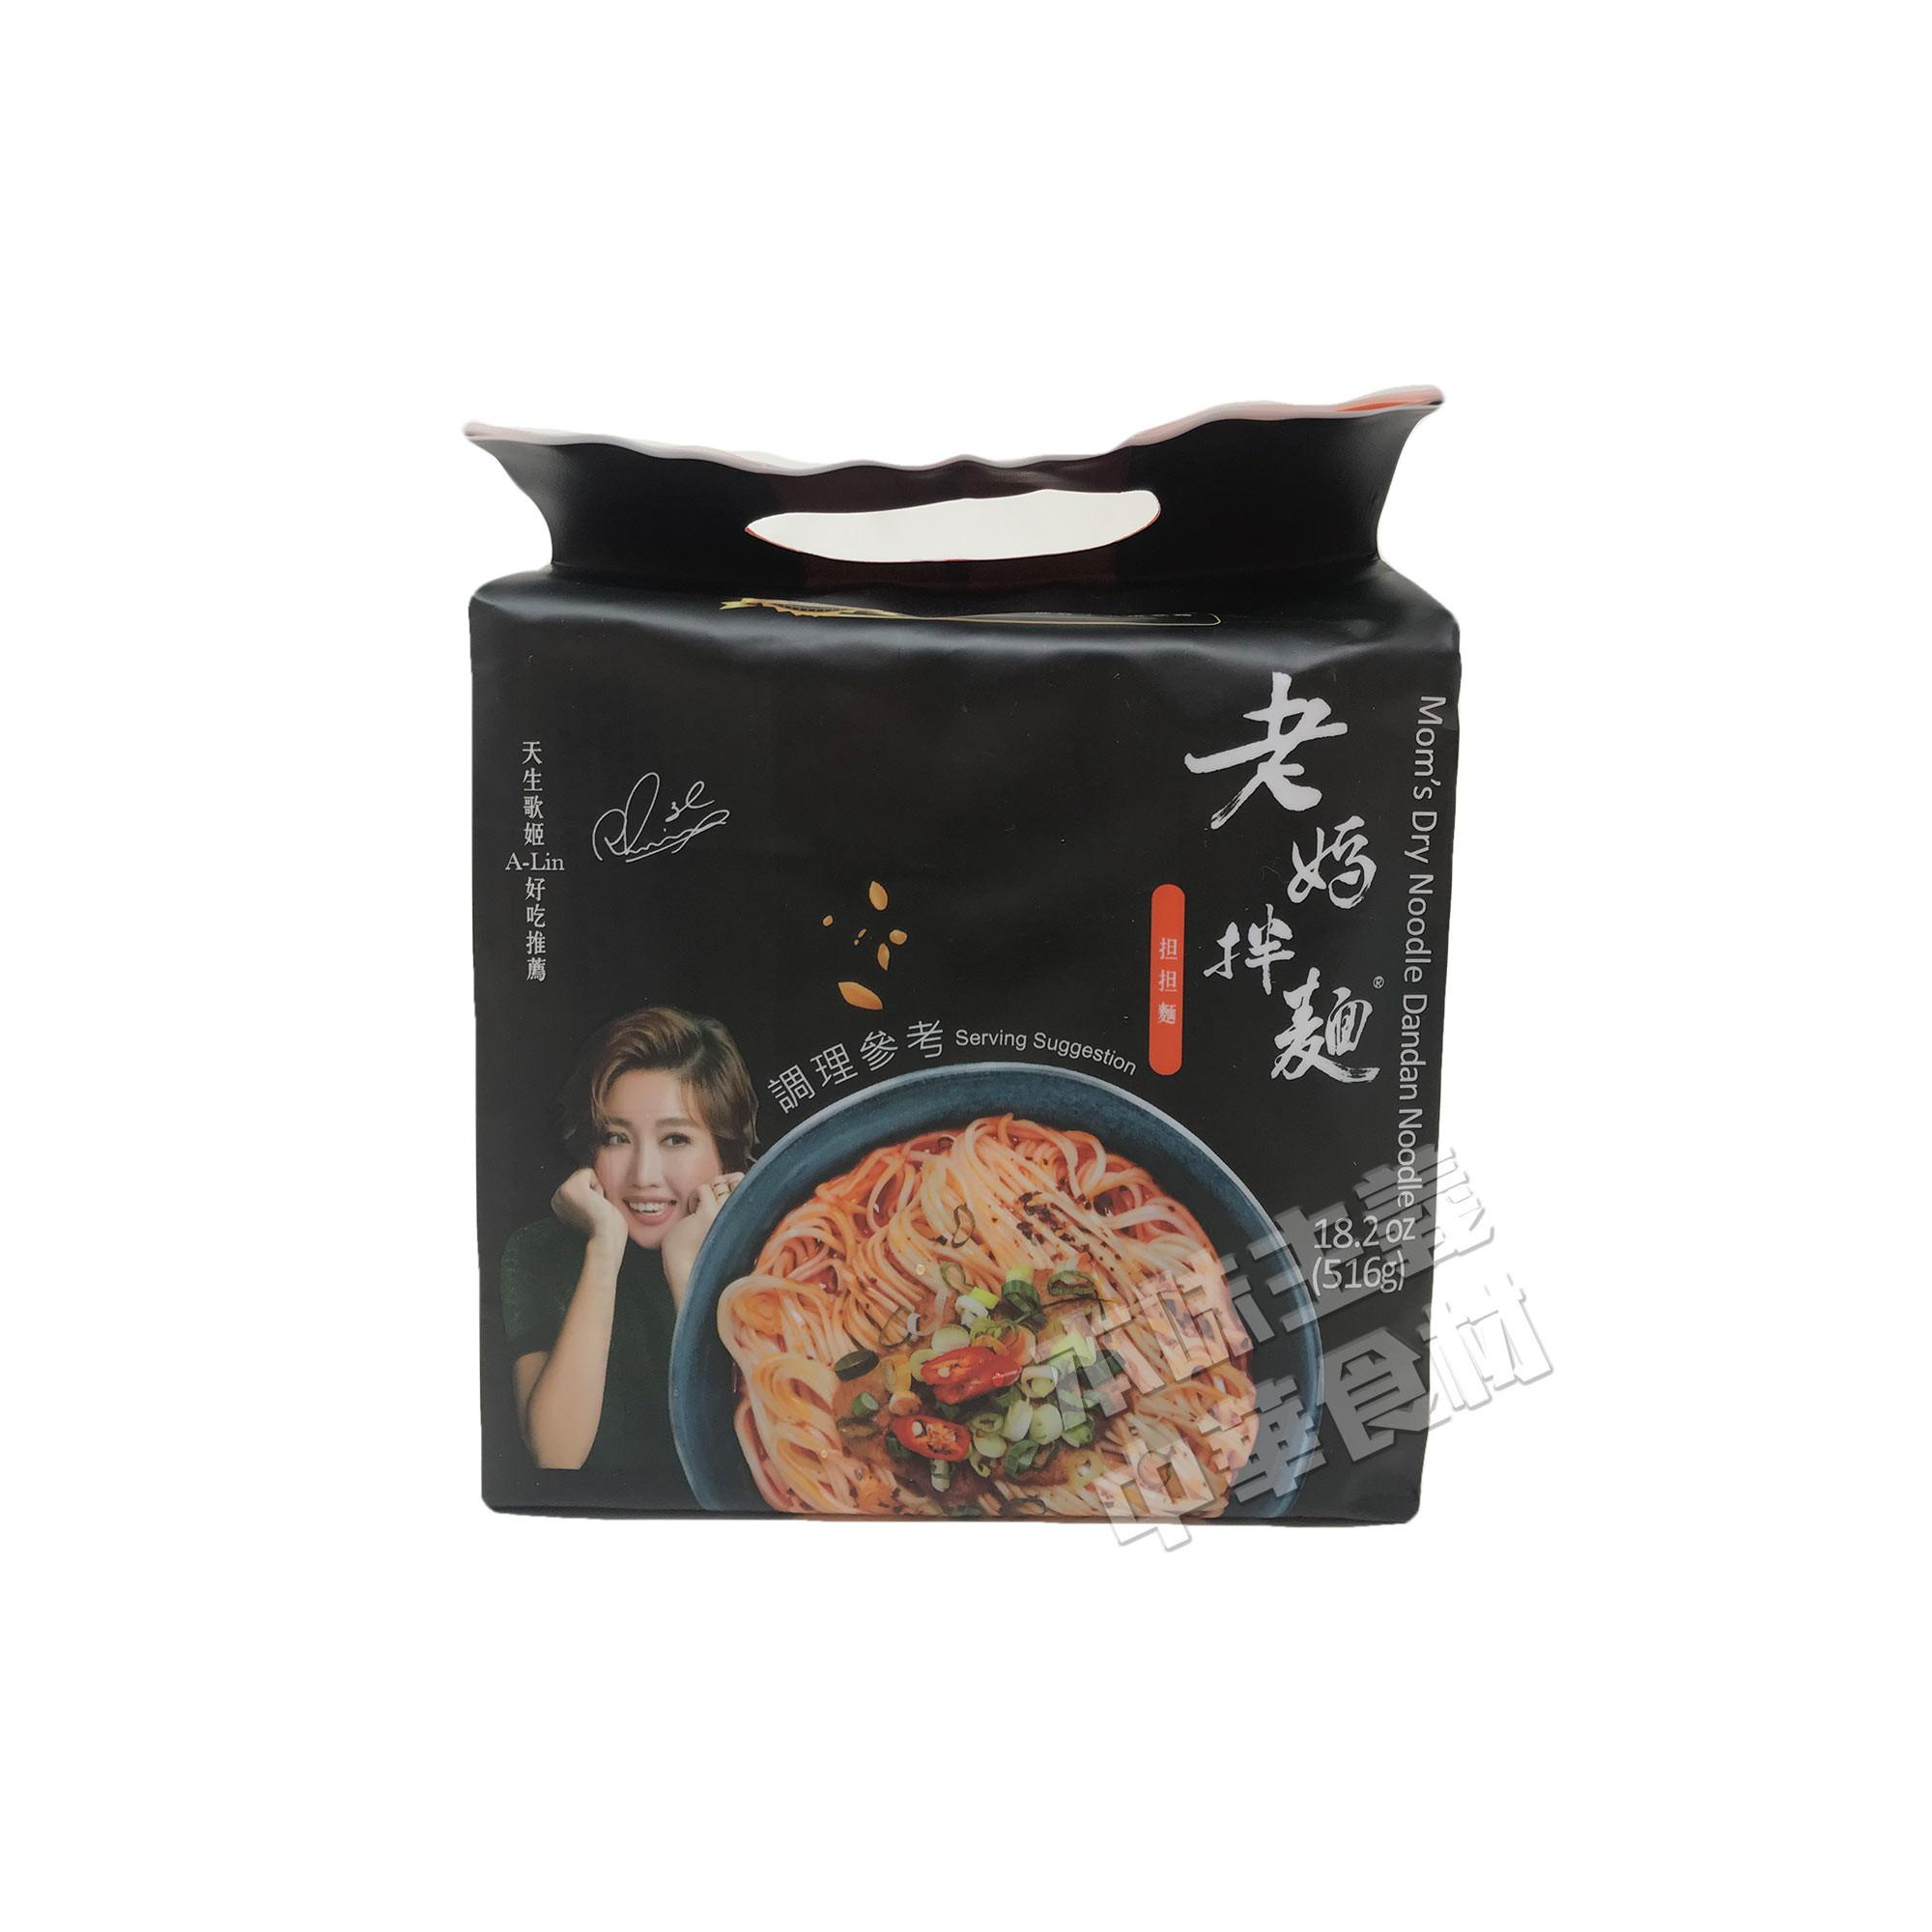 老媽拌麺 担々麺 注文後の変更キャンセル返品 514.4g 4袋 商品 128.6g 面90g